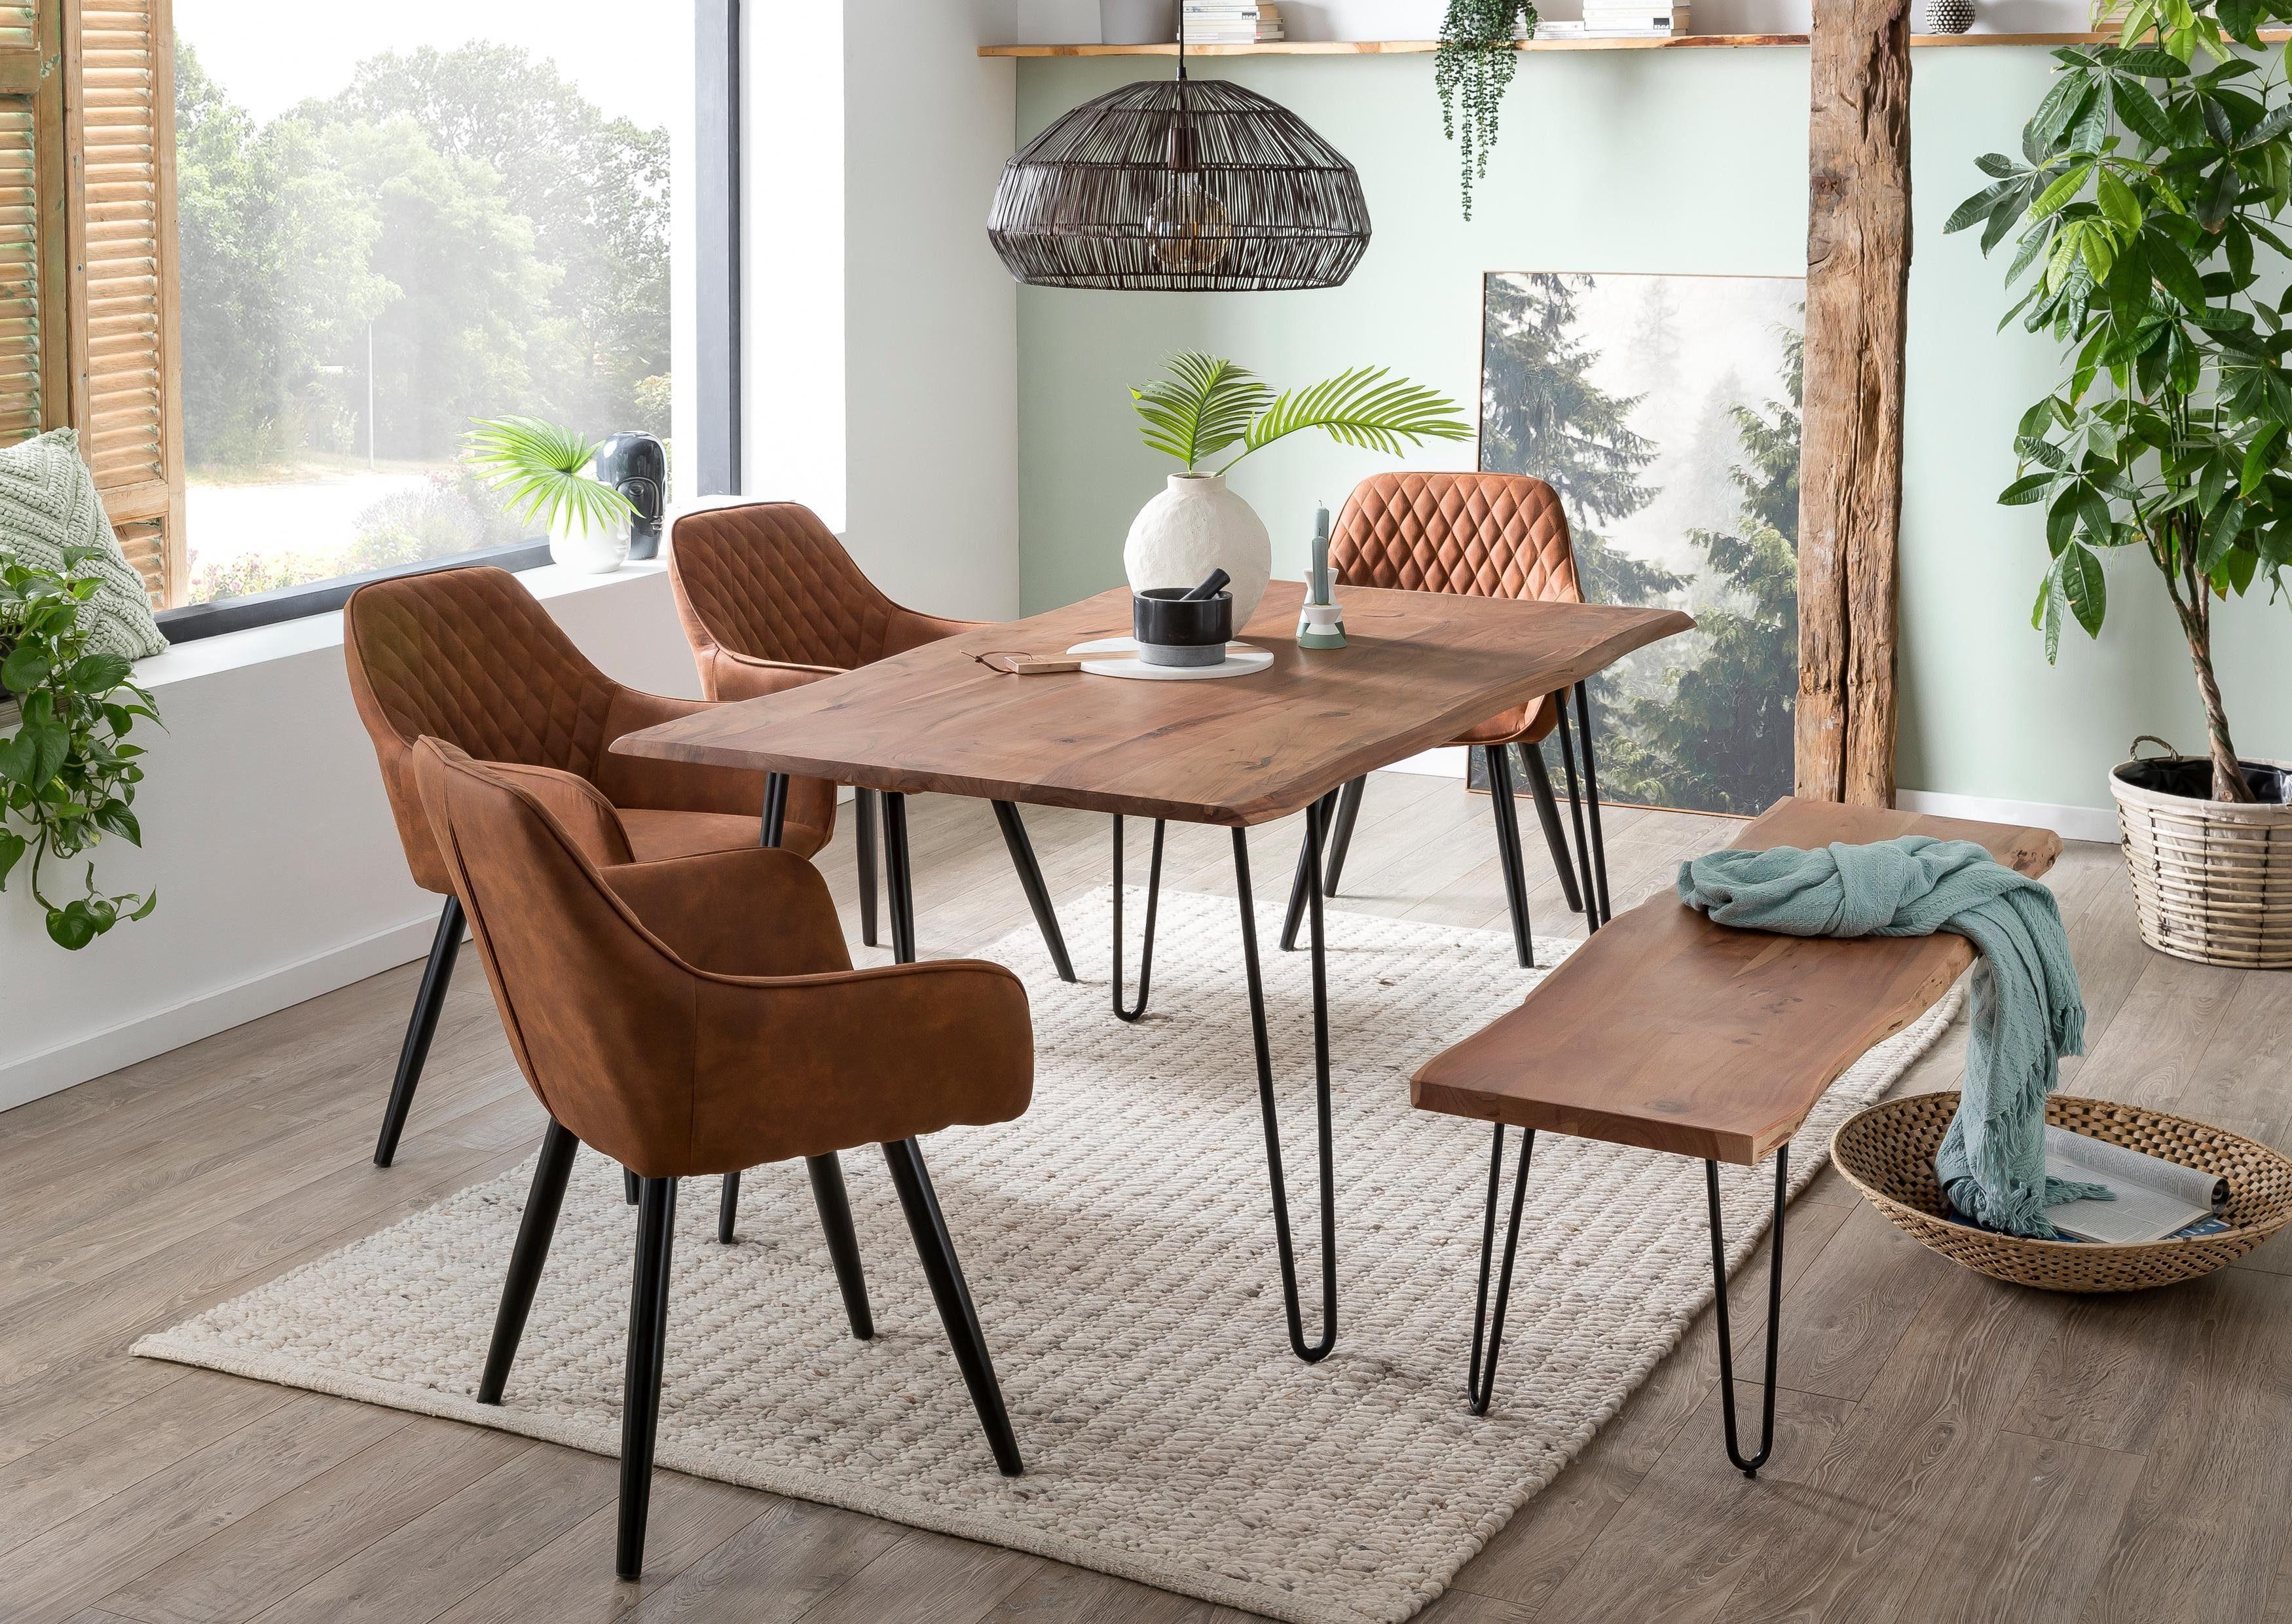 Home affaire Esstisch Soho, mit vollmassiver Akazienholzplatte Baumkante beige Holz-Esstische Holztische Tische